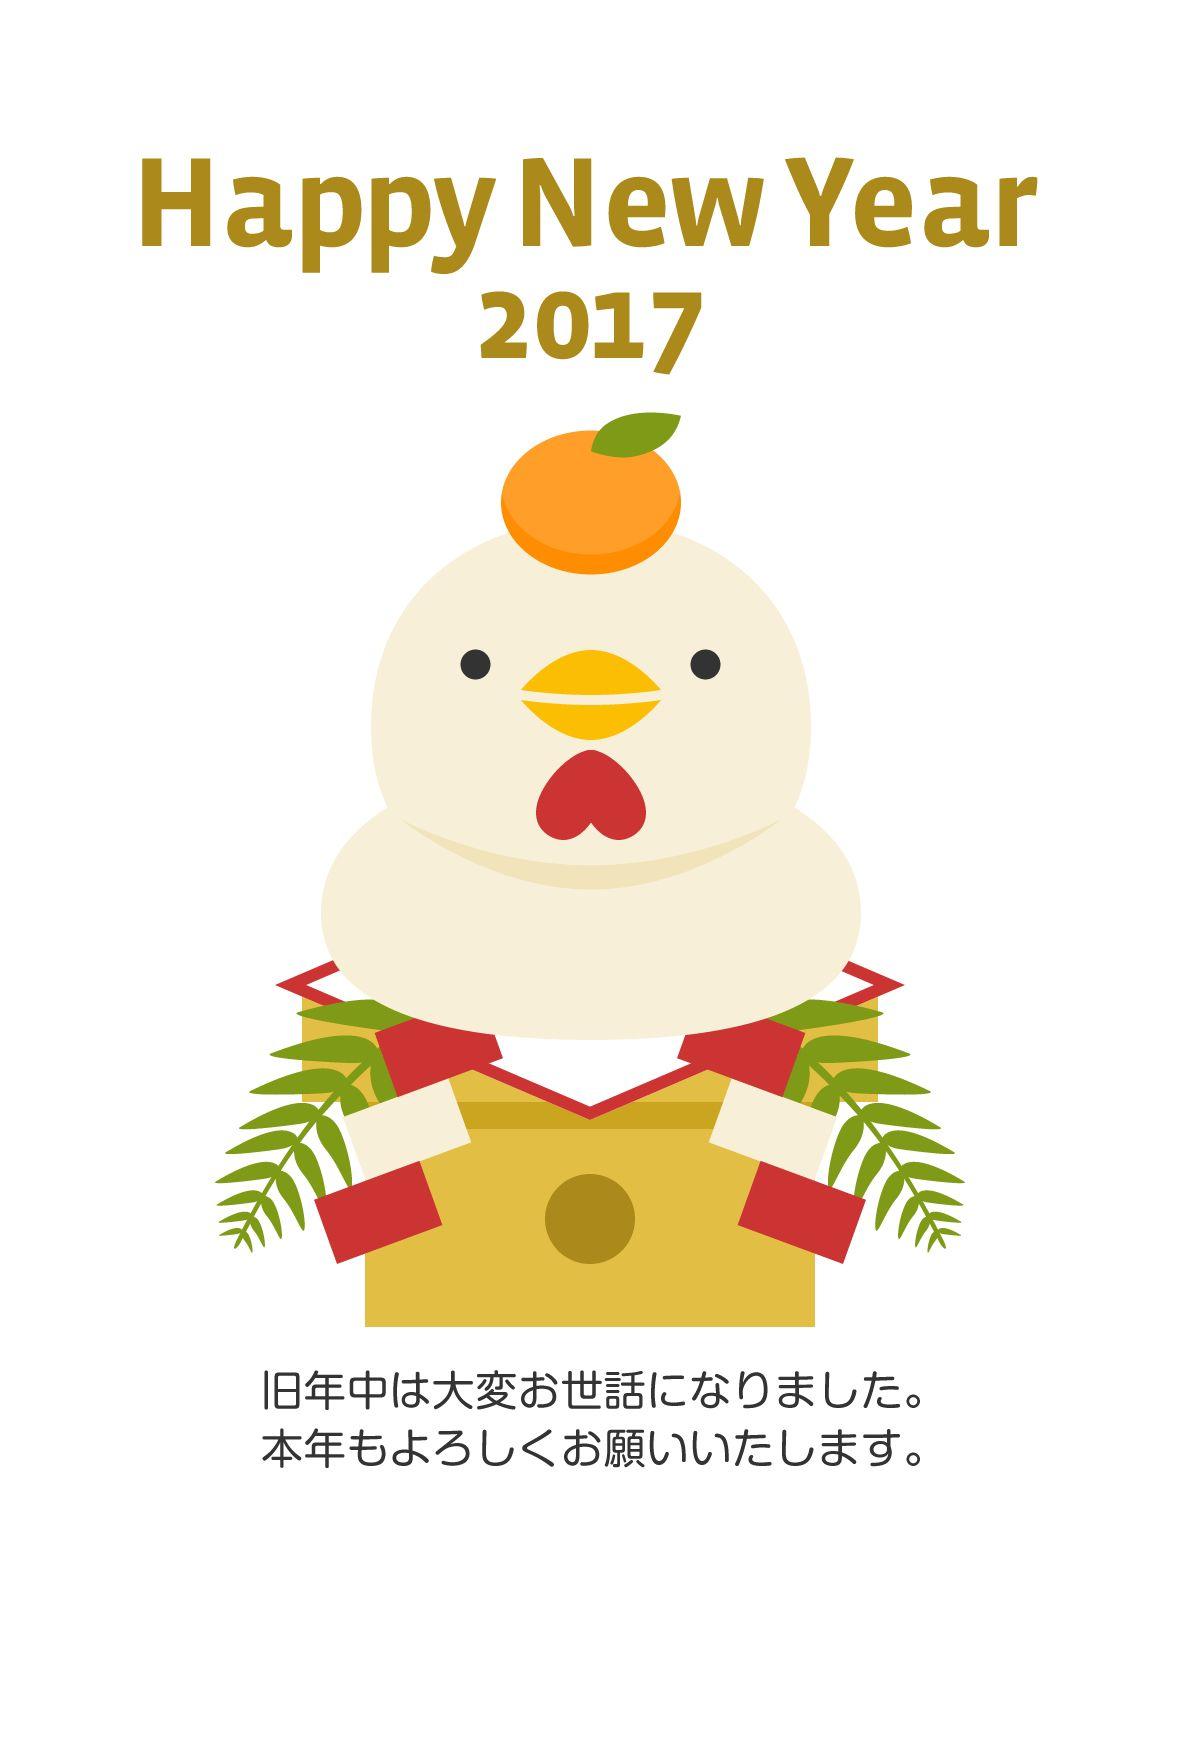 年賀状2017無料テンプレート]鏡餅になったニワトリ | design